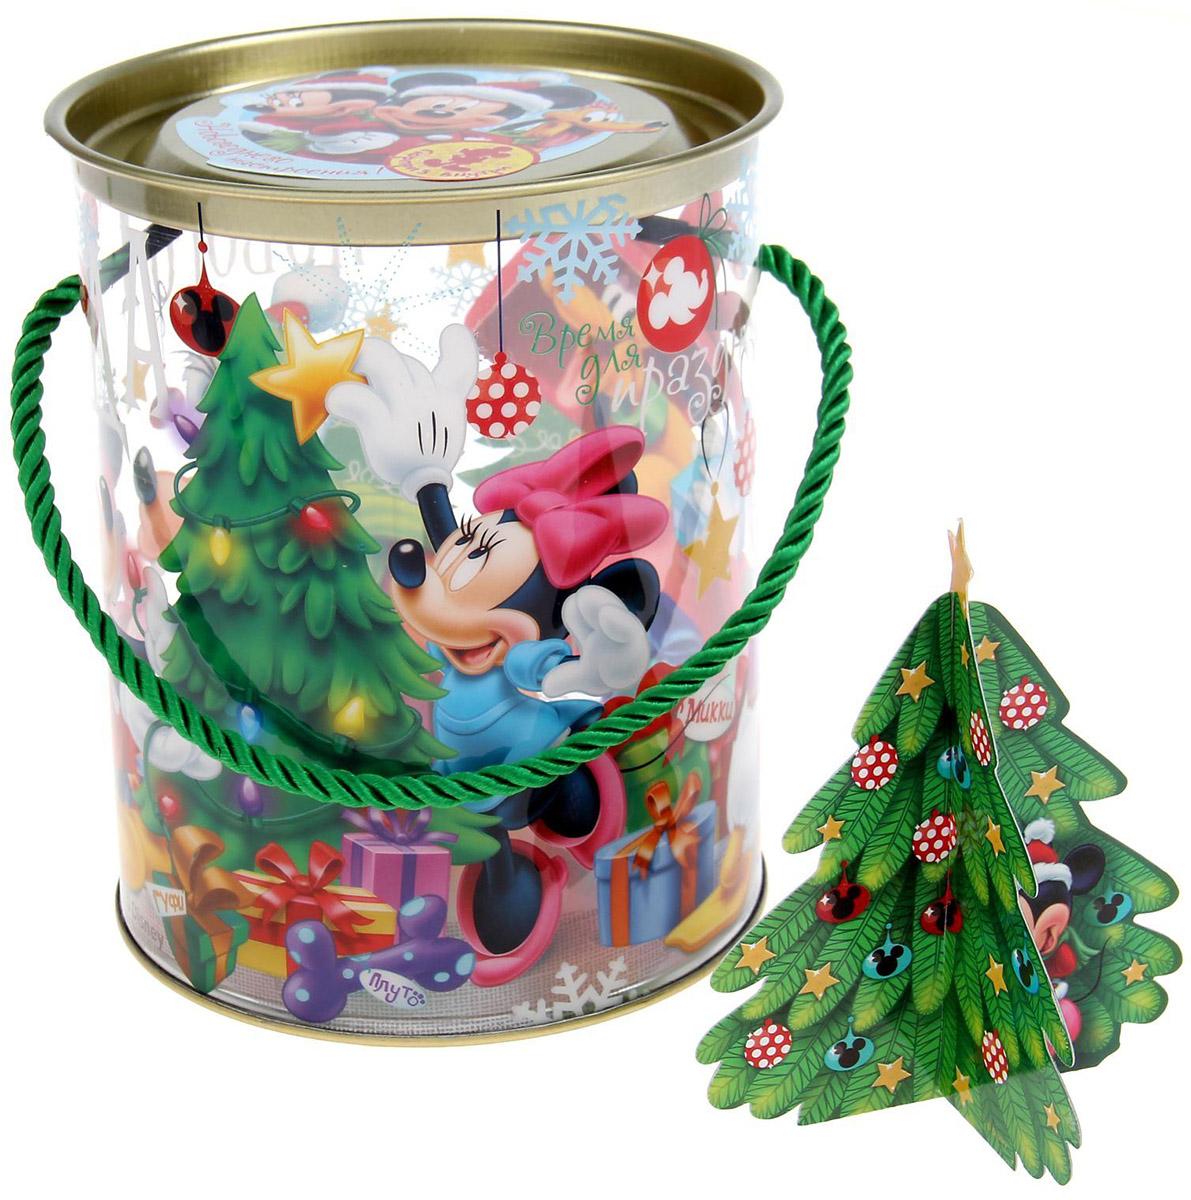 Коробка-тубус подарочная Disney Веселого Нового года!, 12 х 15 см1123187Коробка-тубус подарочная Disney Веселого Нового года! выполнена из пластика. Любой подарок начинается с упаковки. Что может быть трогательнее и волшебнее, чем ритуал разворачивания полученного презента. И именно оригинальная, со вкусом выбранная упаковка выделит ваш подарок из массы других. Она продемонстрирует самые теплые чувства к виновнику торжества и создаст сказочную атмосферу праздника.